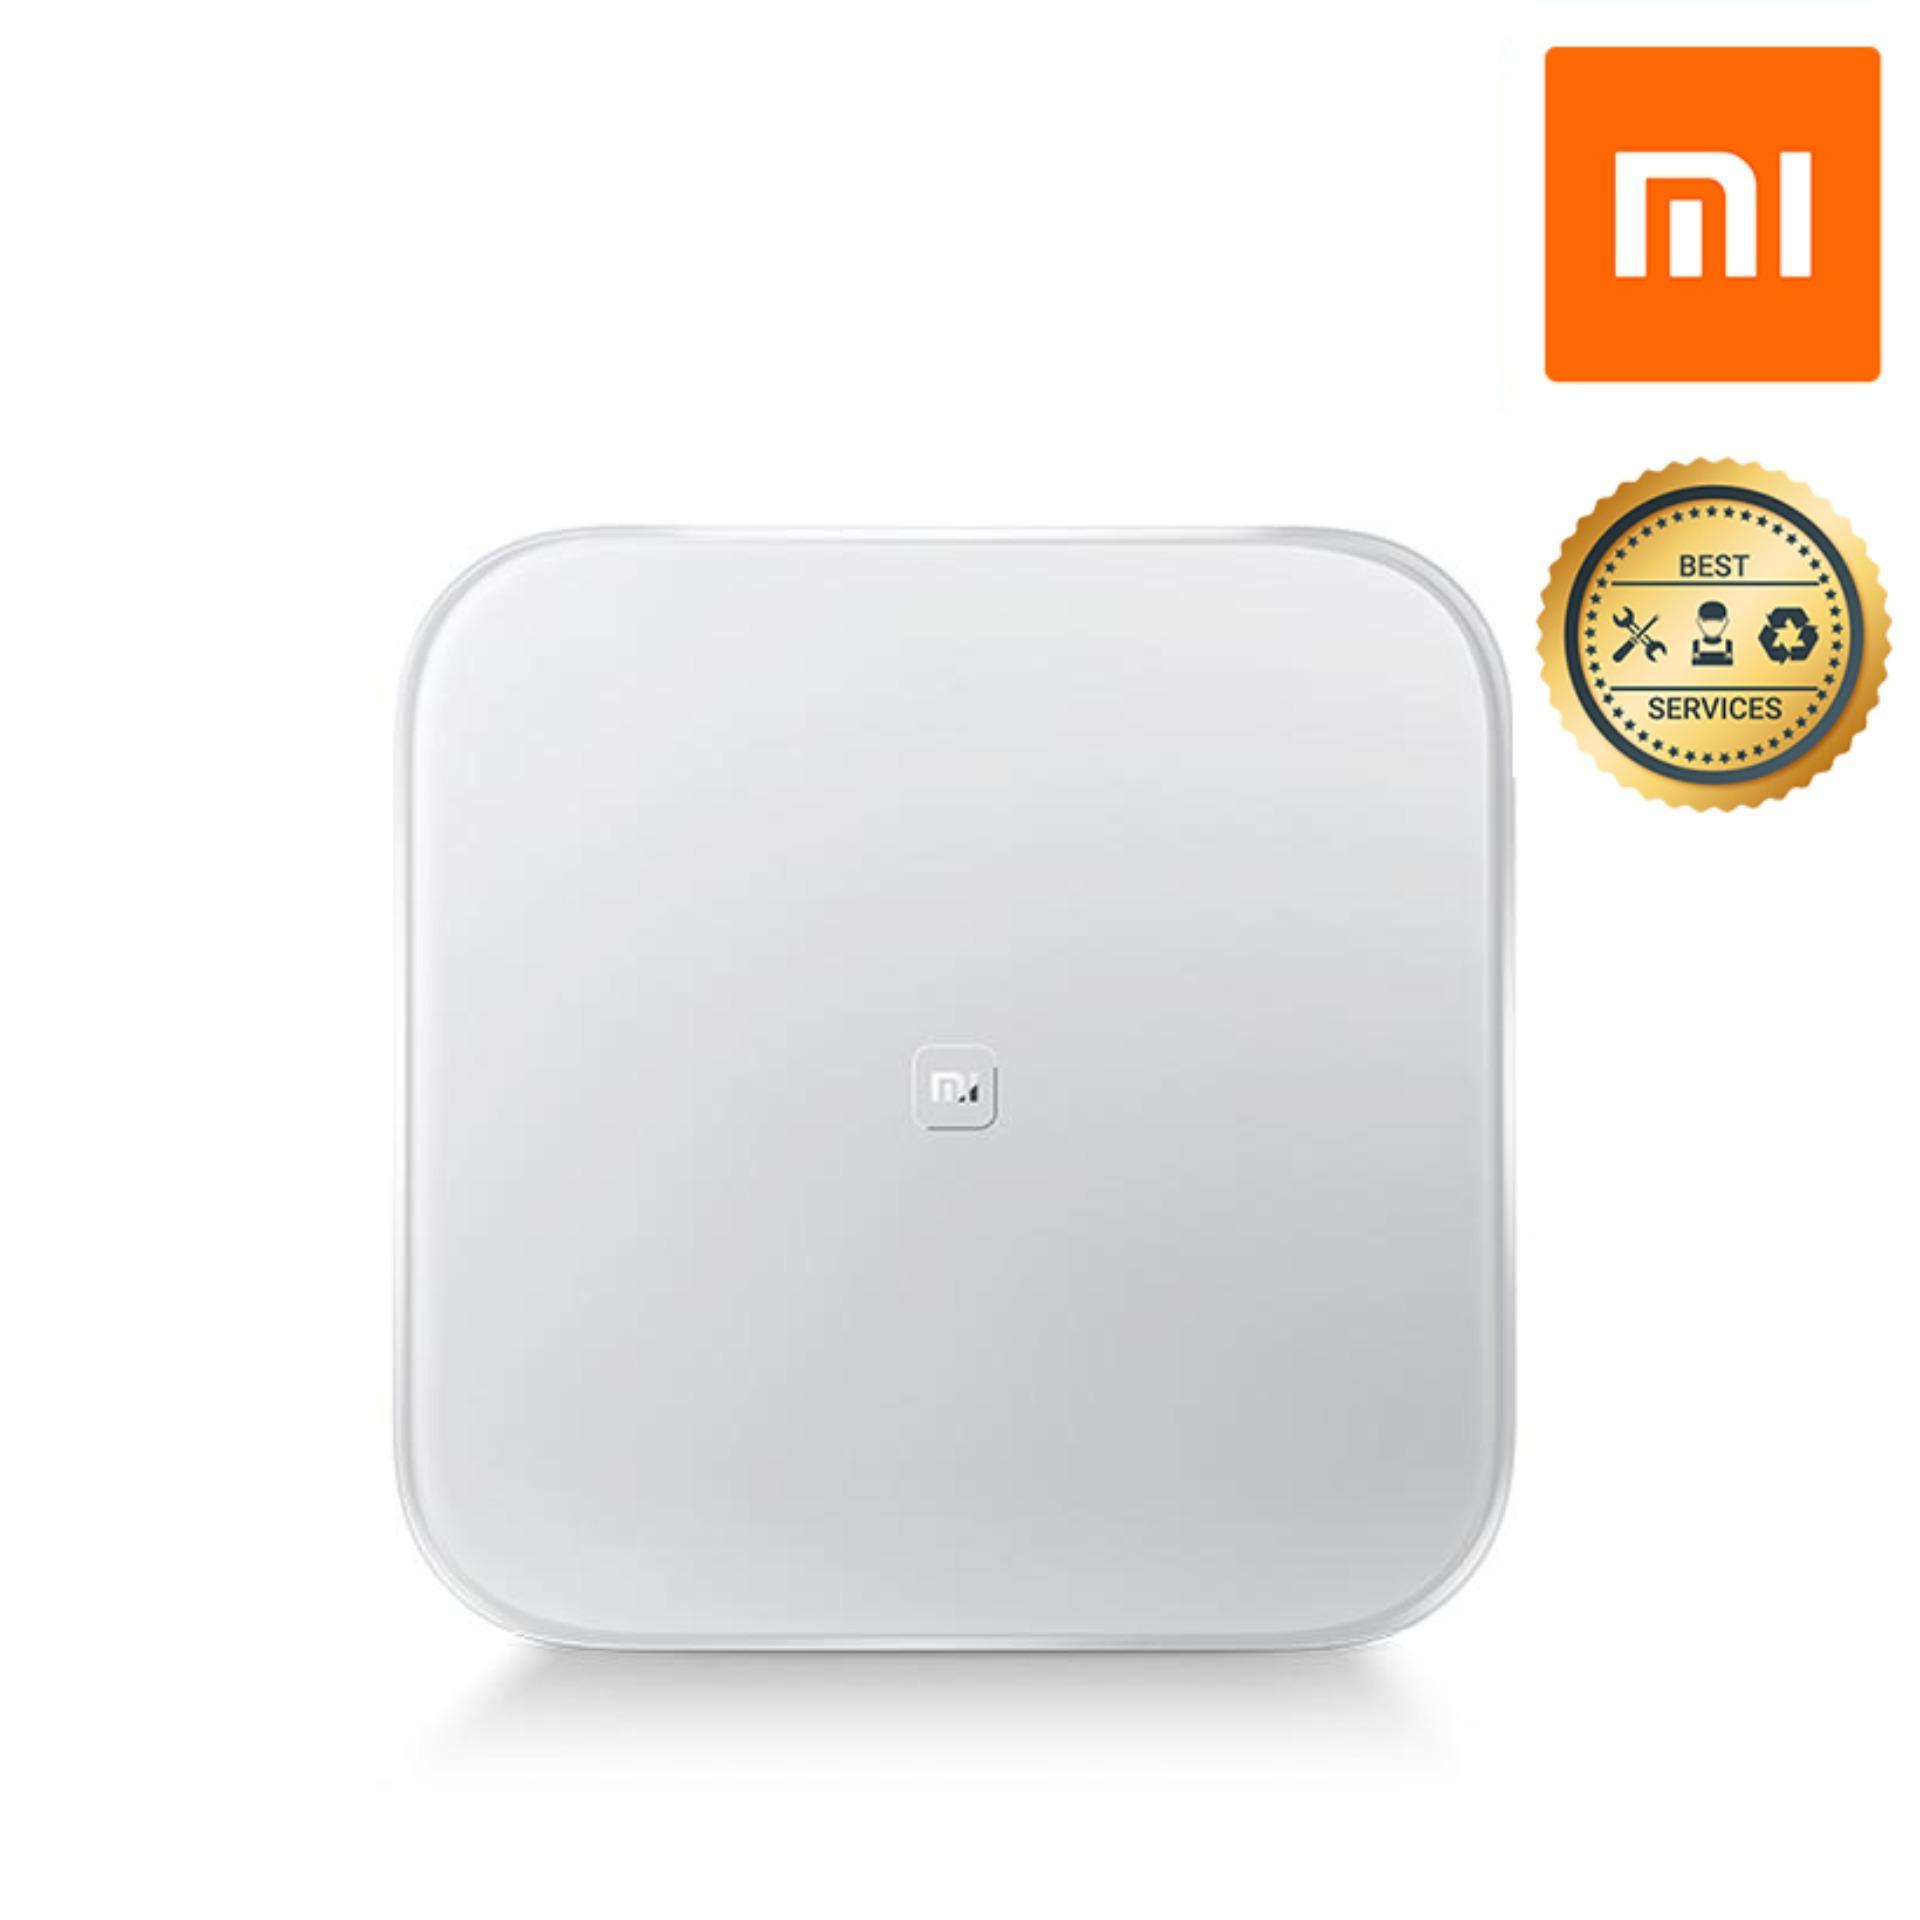 Cân sức khỏe thông minh Xiaomi (Gen 1) nhập khẩu